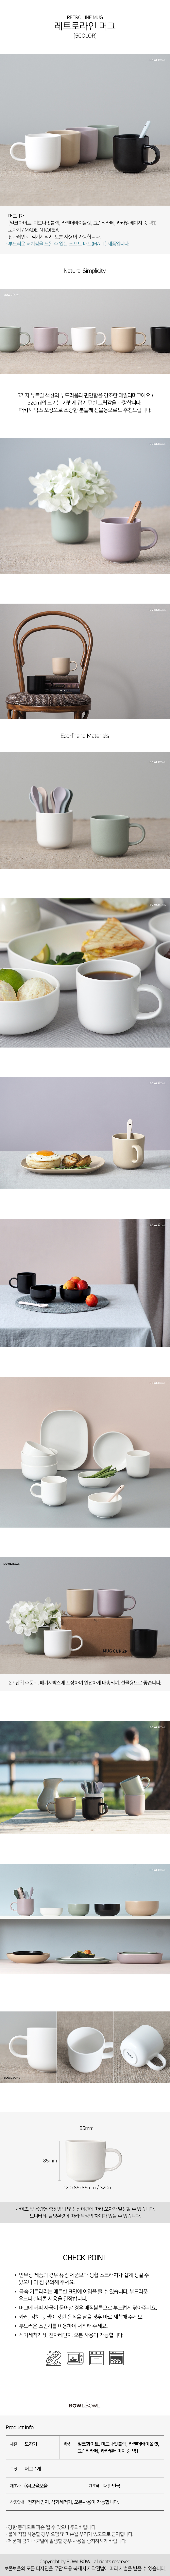 레트로라인 머그(5color) - 보울보울, 6,900원, 머그컵, 심플머그